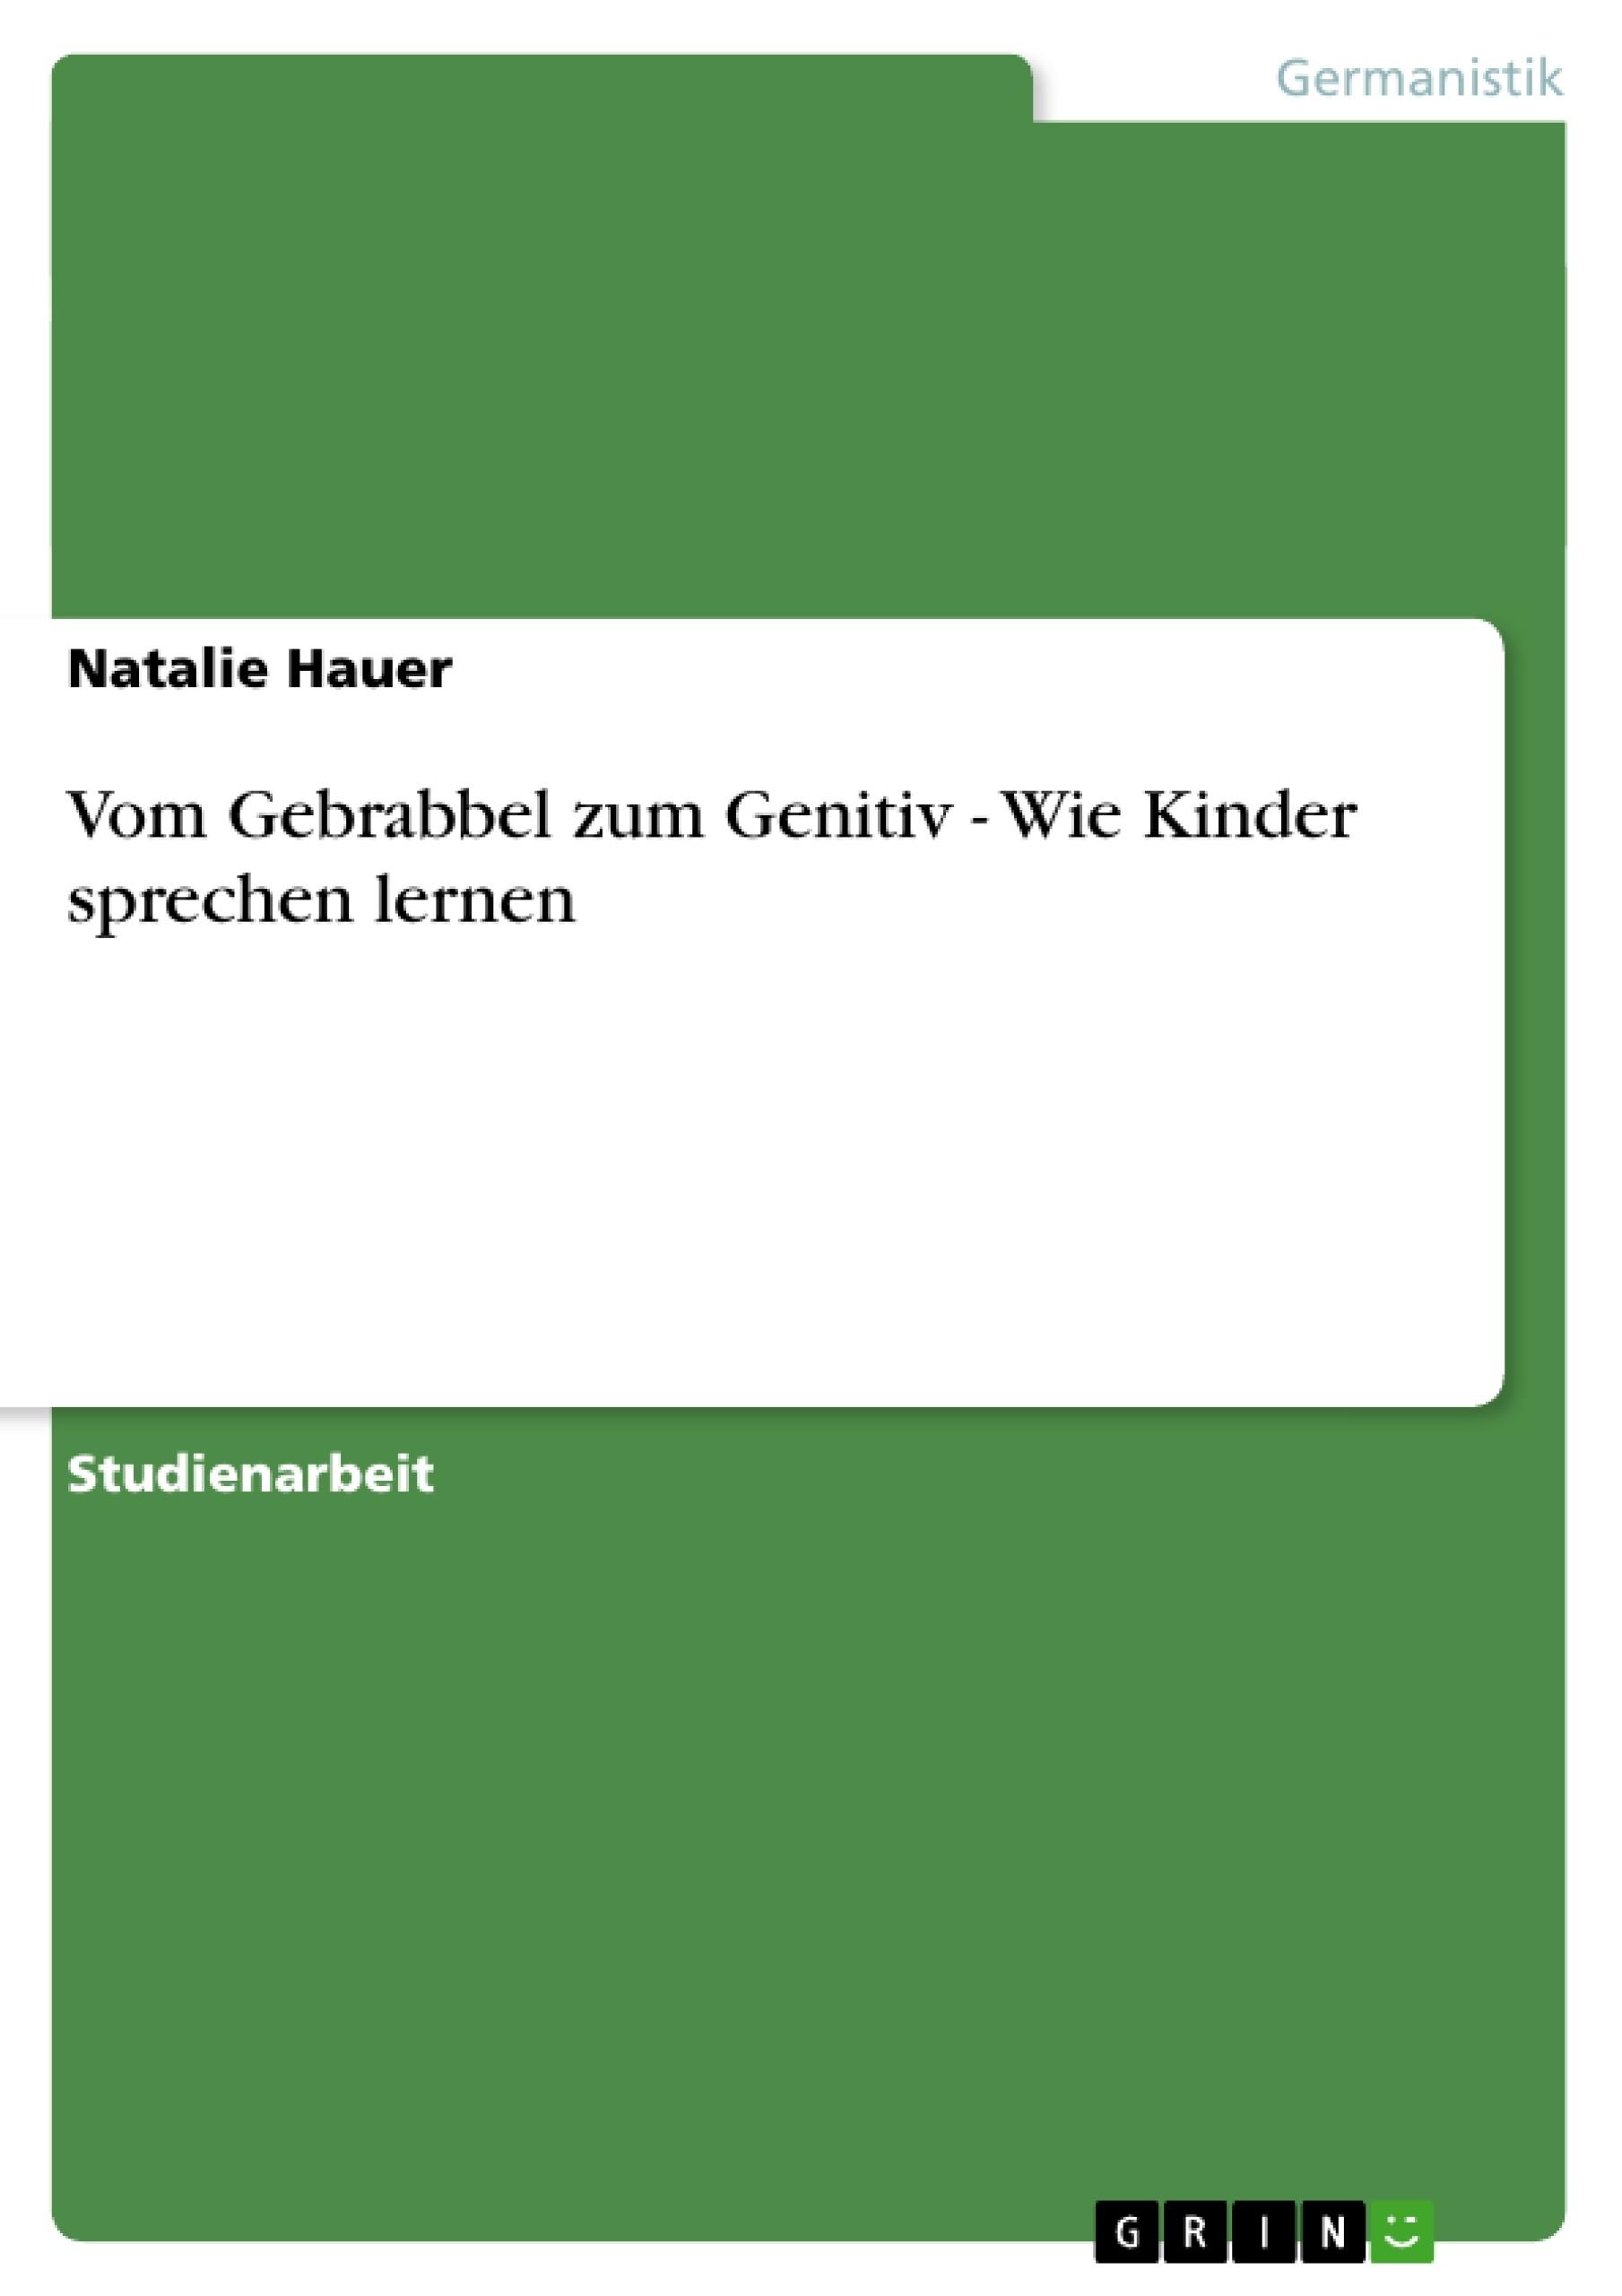 Titel: Vom Gebrabbel zum Genitiv - Wie Kinder sprechen lernen